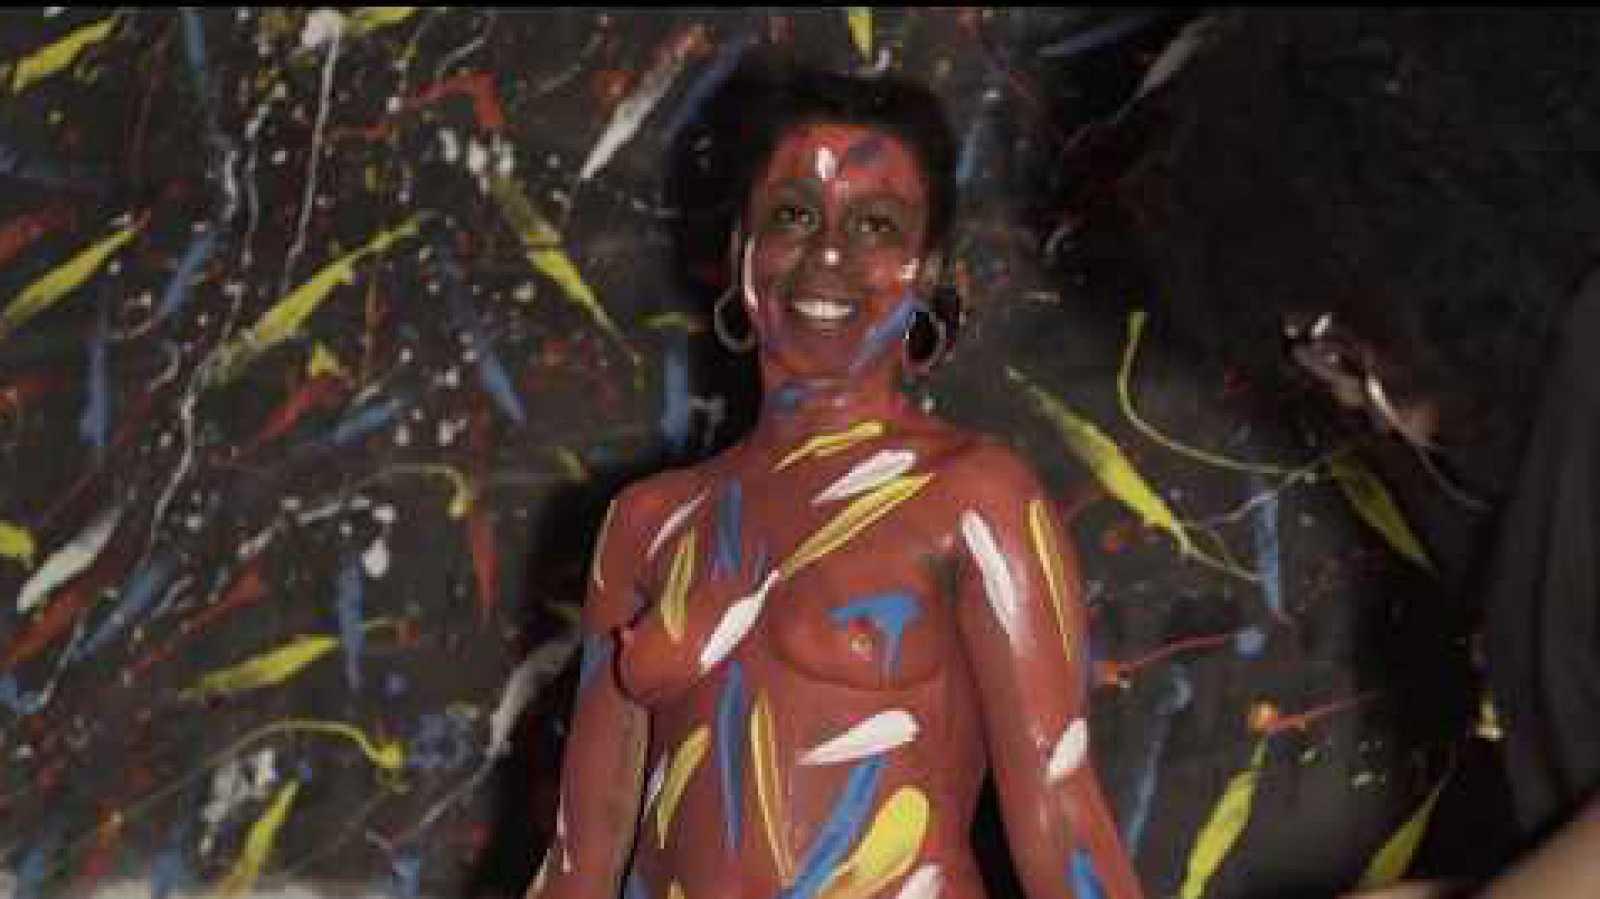 África hoy - Montserrat Anguiano, el poder de las mujeres a través del arte - 07/10/20 - escuchar ahora